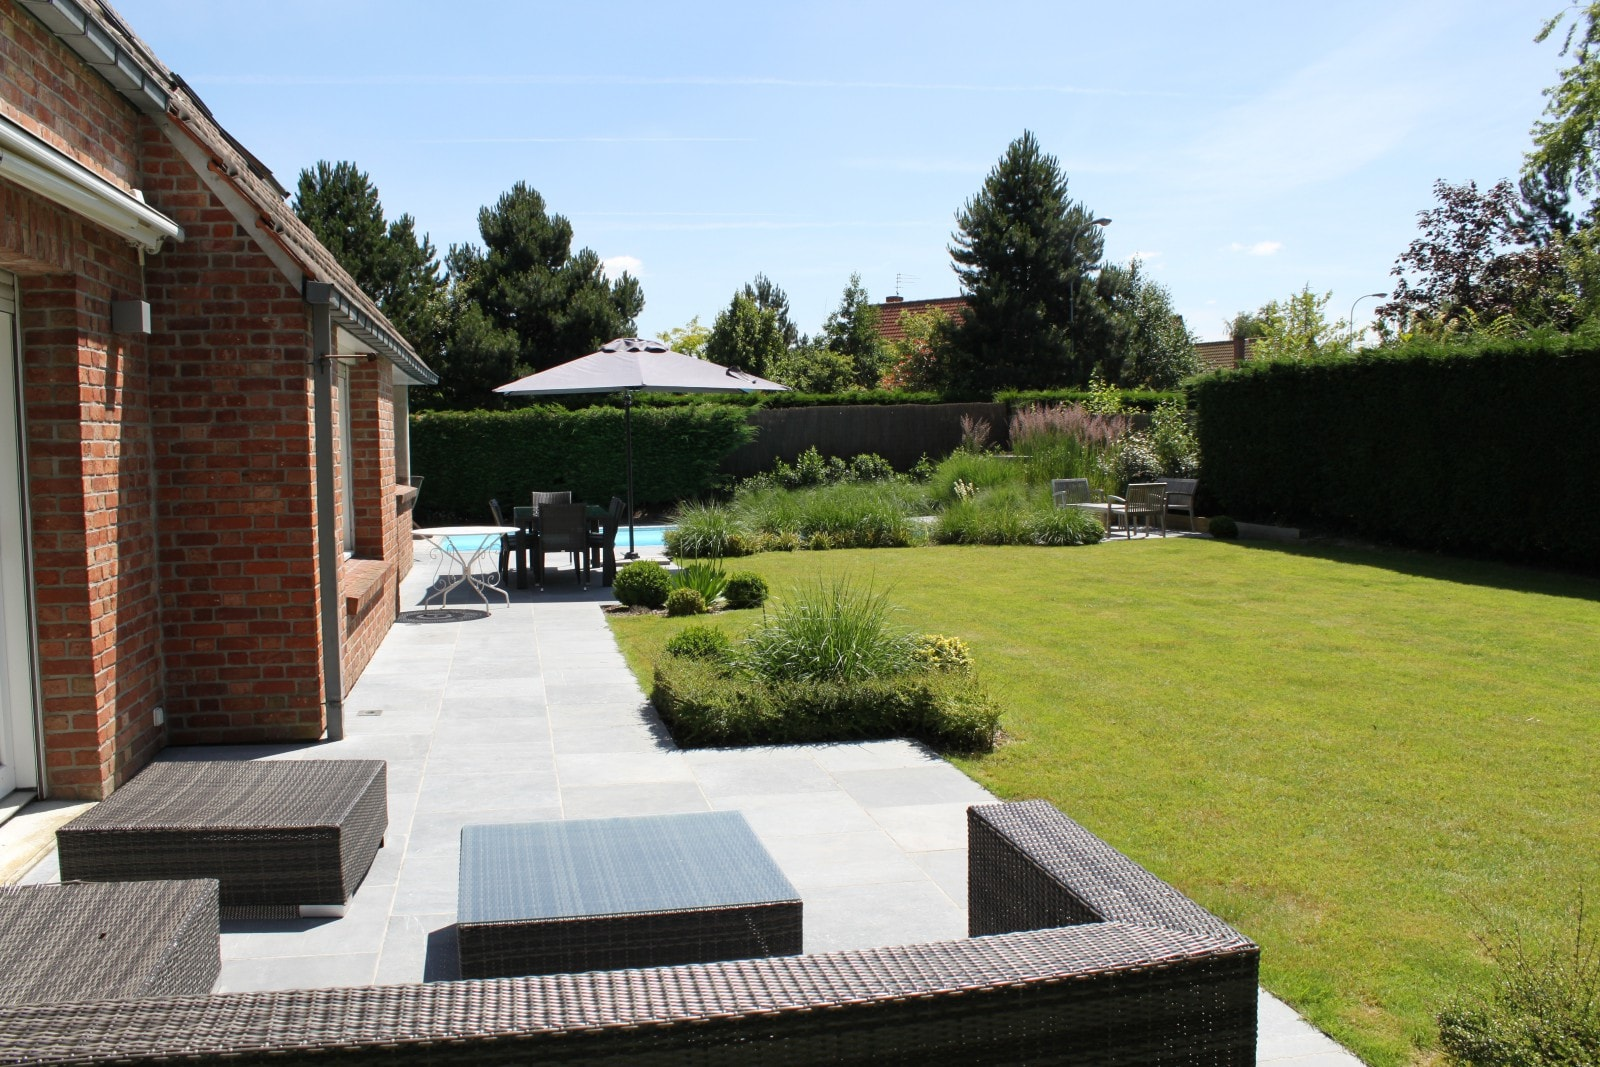 Margelle piscine contemporaine aulnay sous bois 1227 for Aulnay sous bois piscine